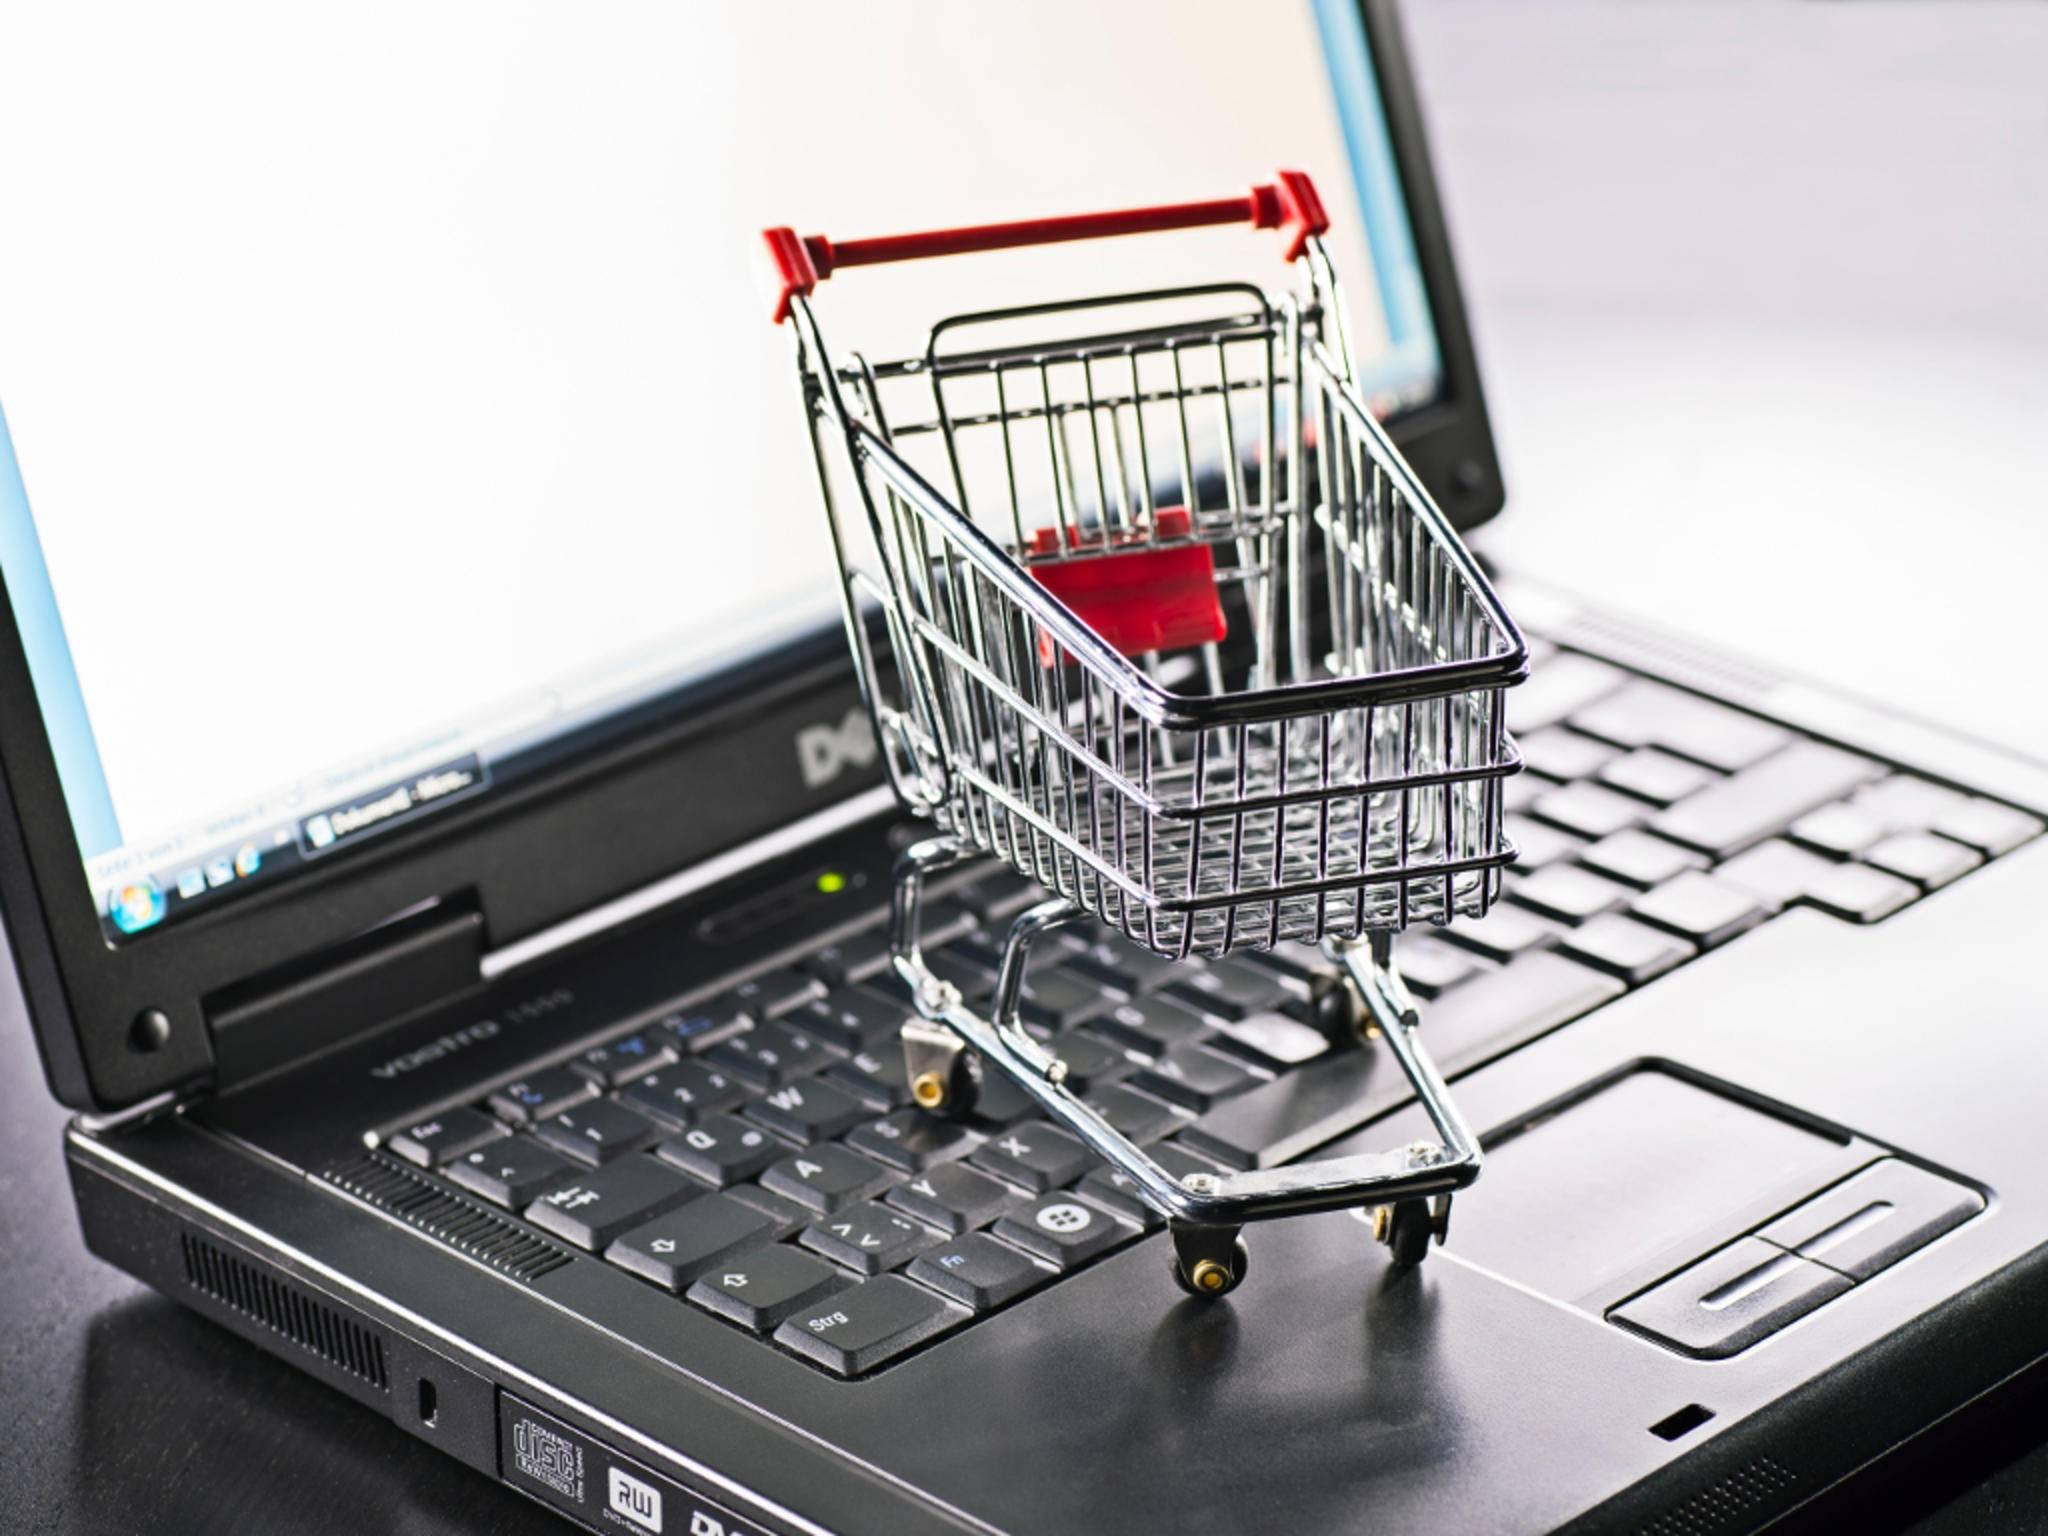 laptop gebraucht kaufen darauf musst du achten. Black Bedroom Furniture Sets. Home Design Ideas